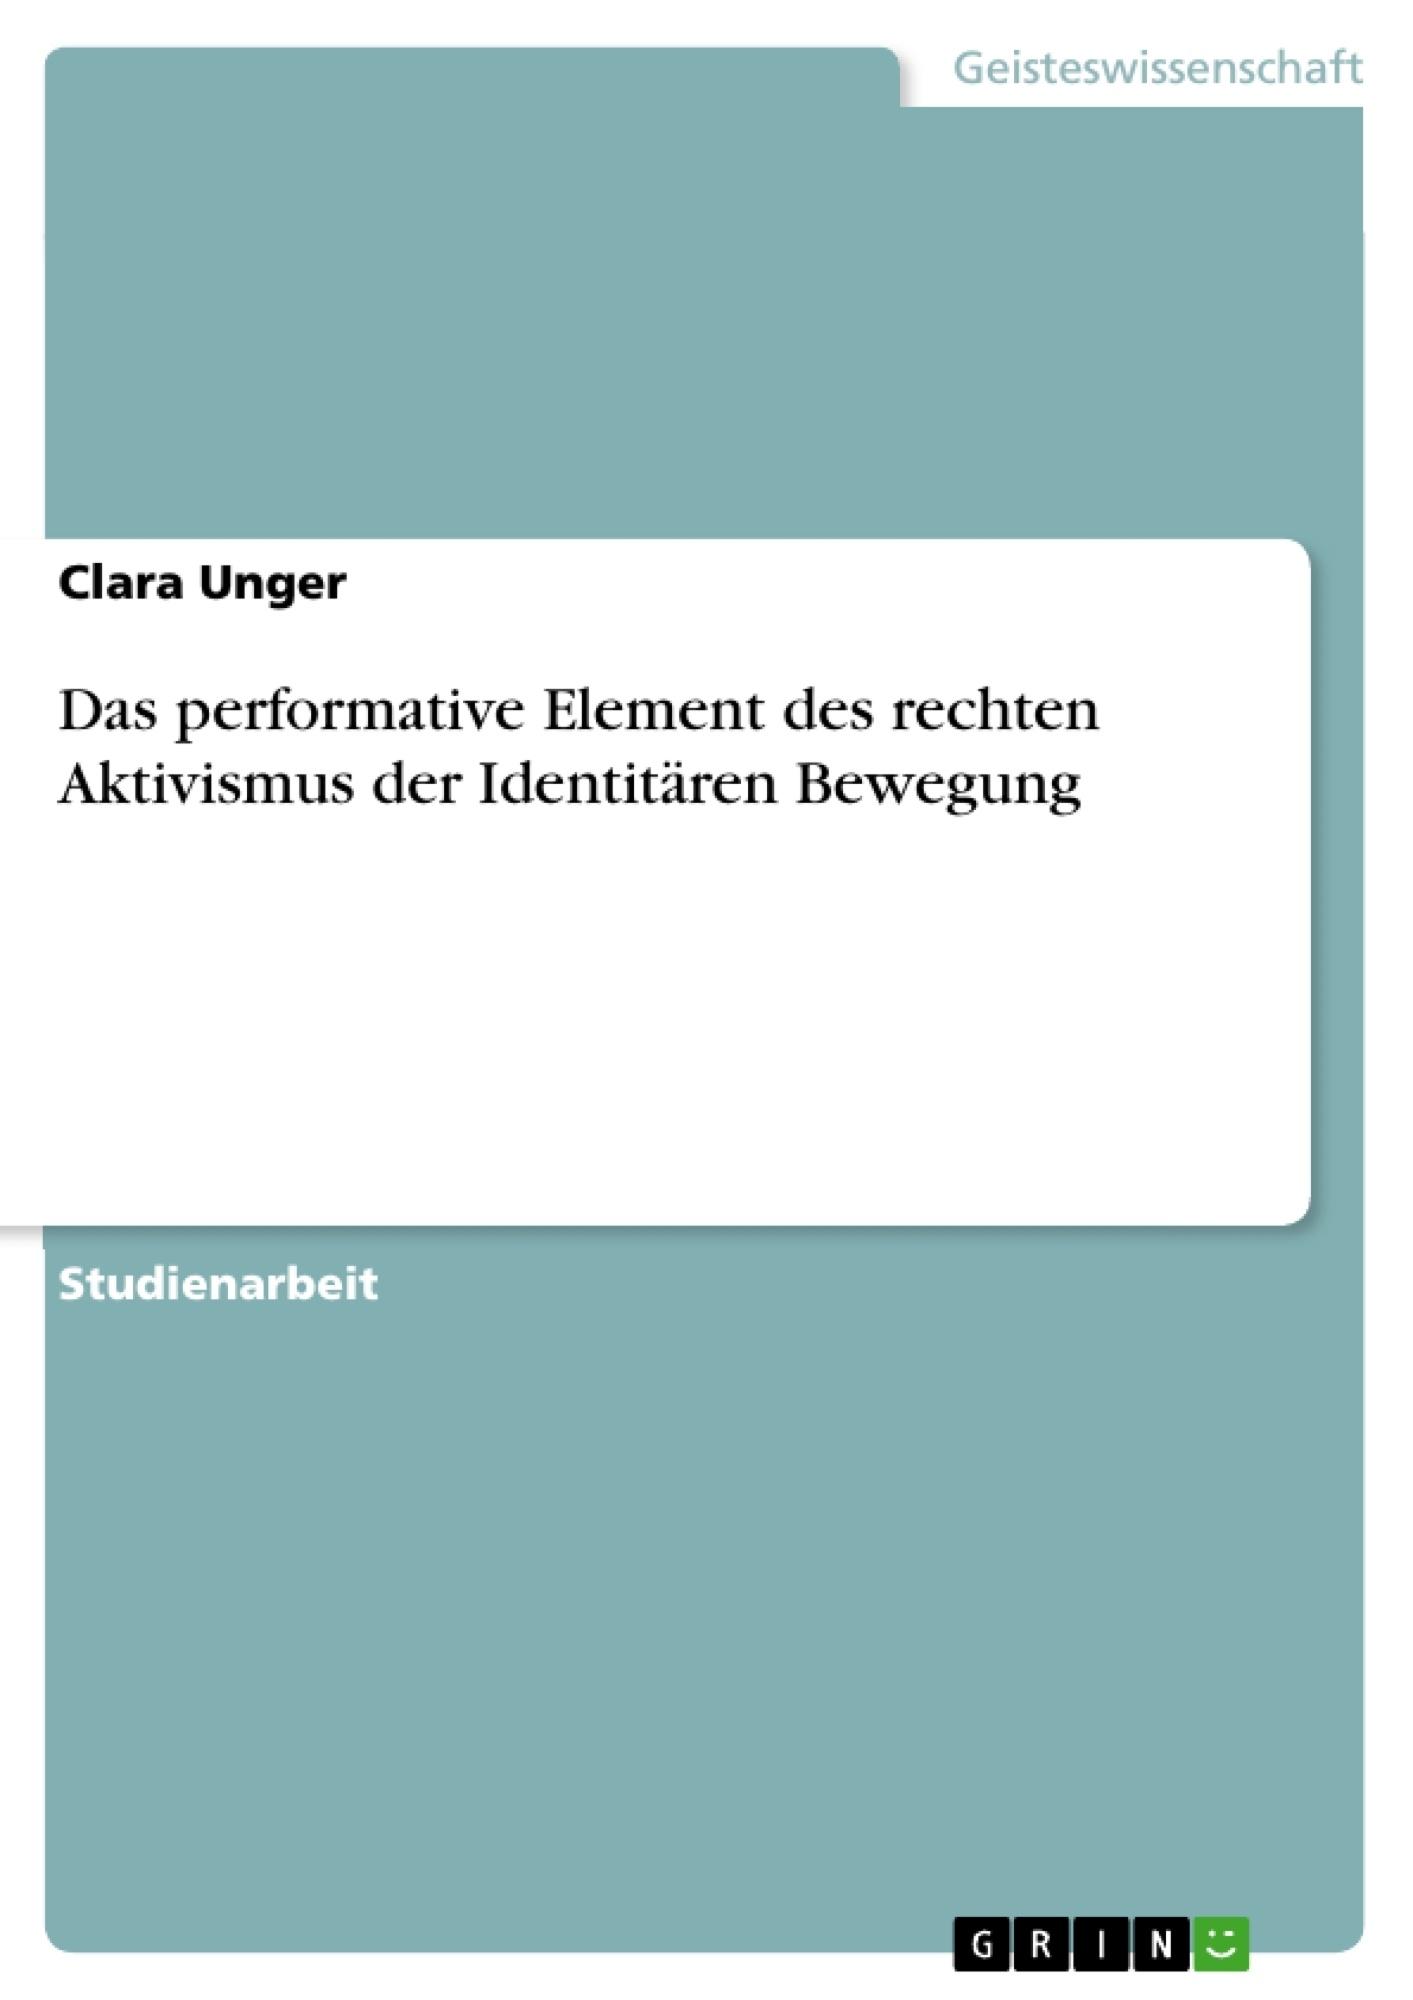 Titel: Das performative Element des rechten Aktivismus der Identitären Bewegung